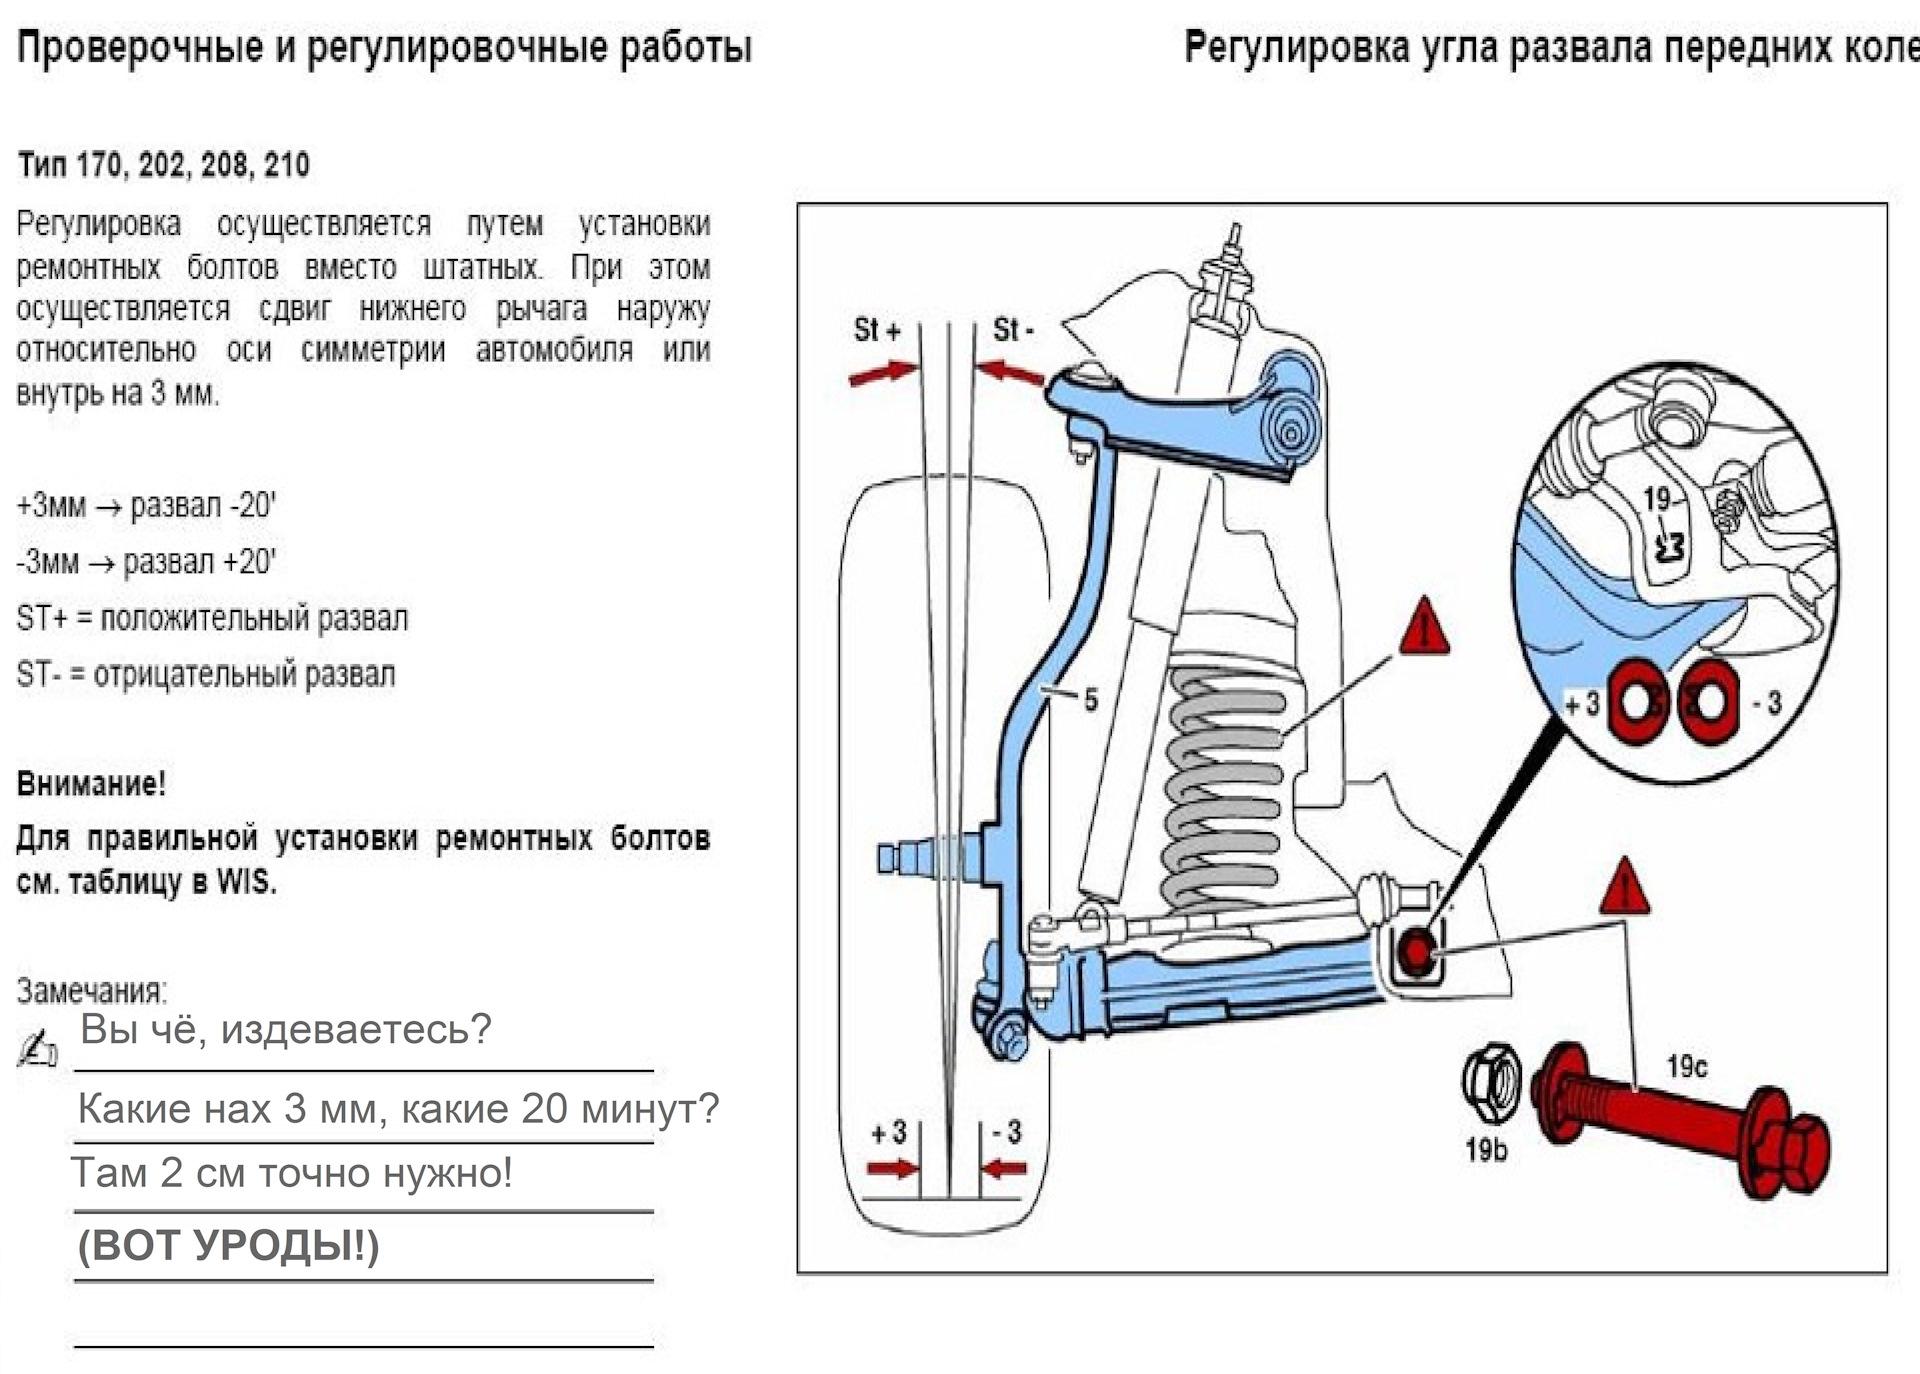 Как сделать развал-схождение колёс - Автосайт m 45